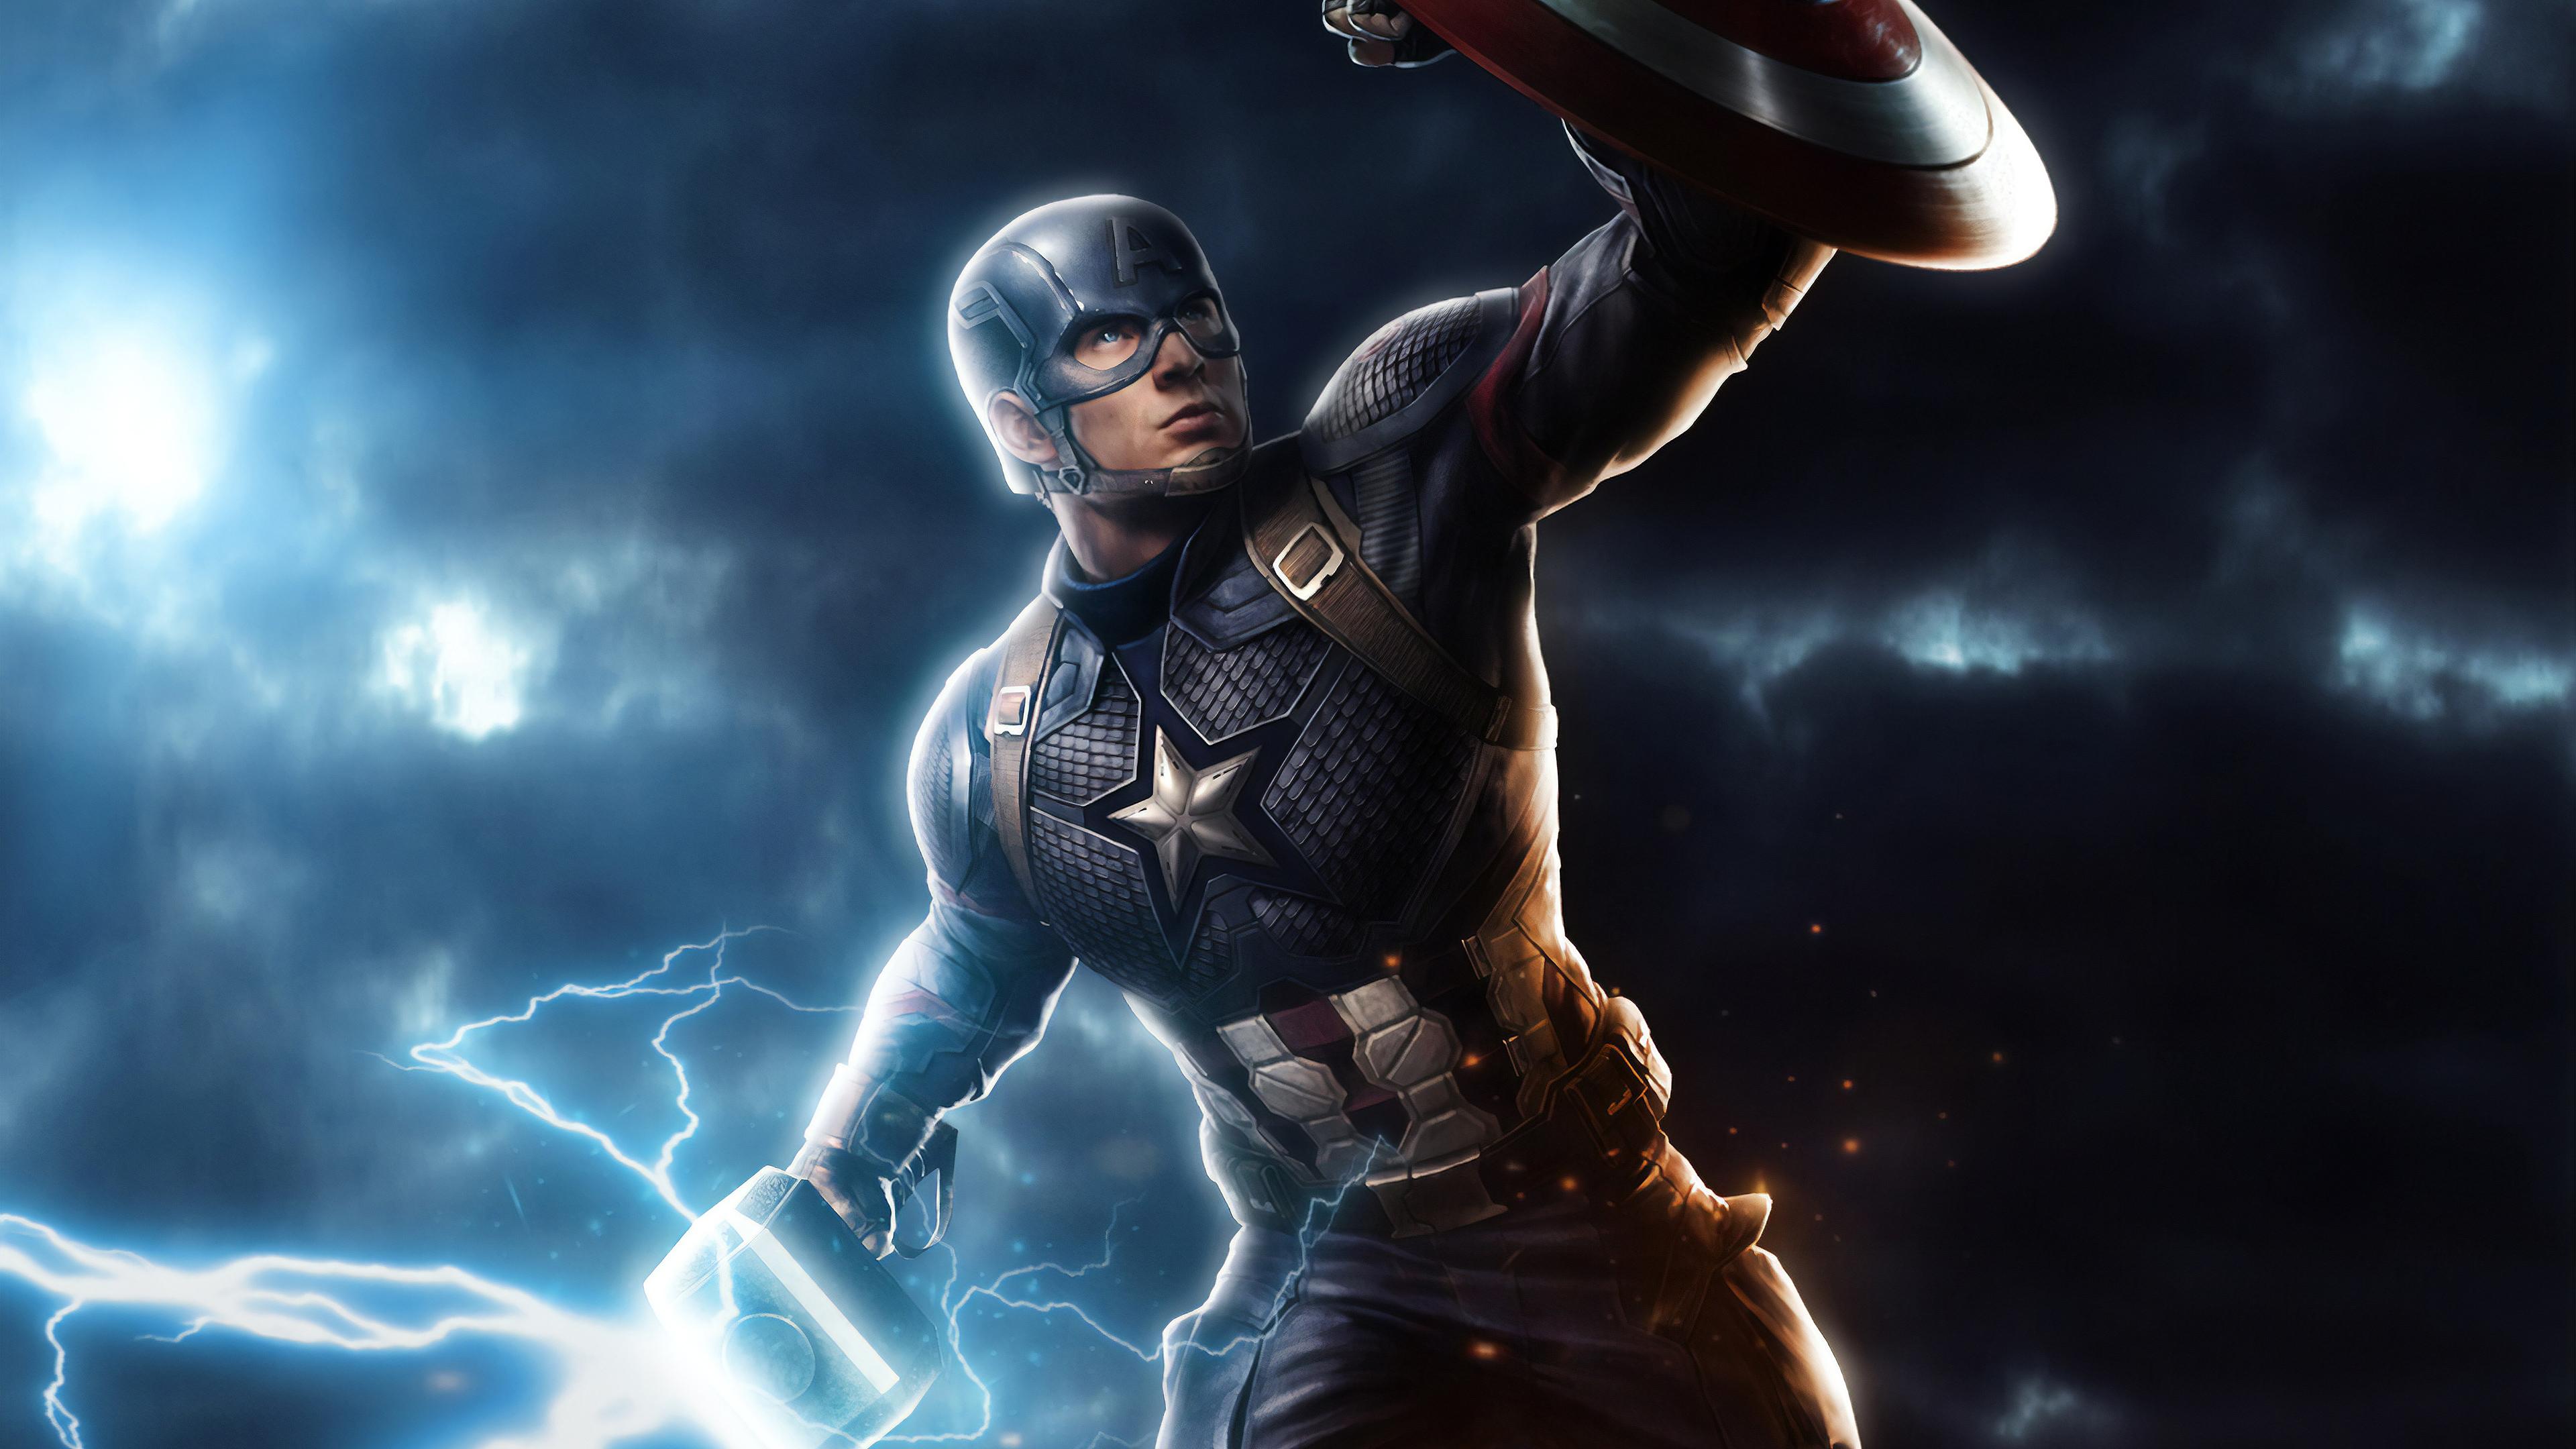 Wallpaper 4k Captain America Mjolnir Avengers Endgame 4k Art